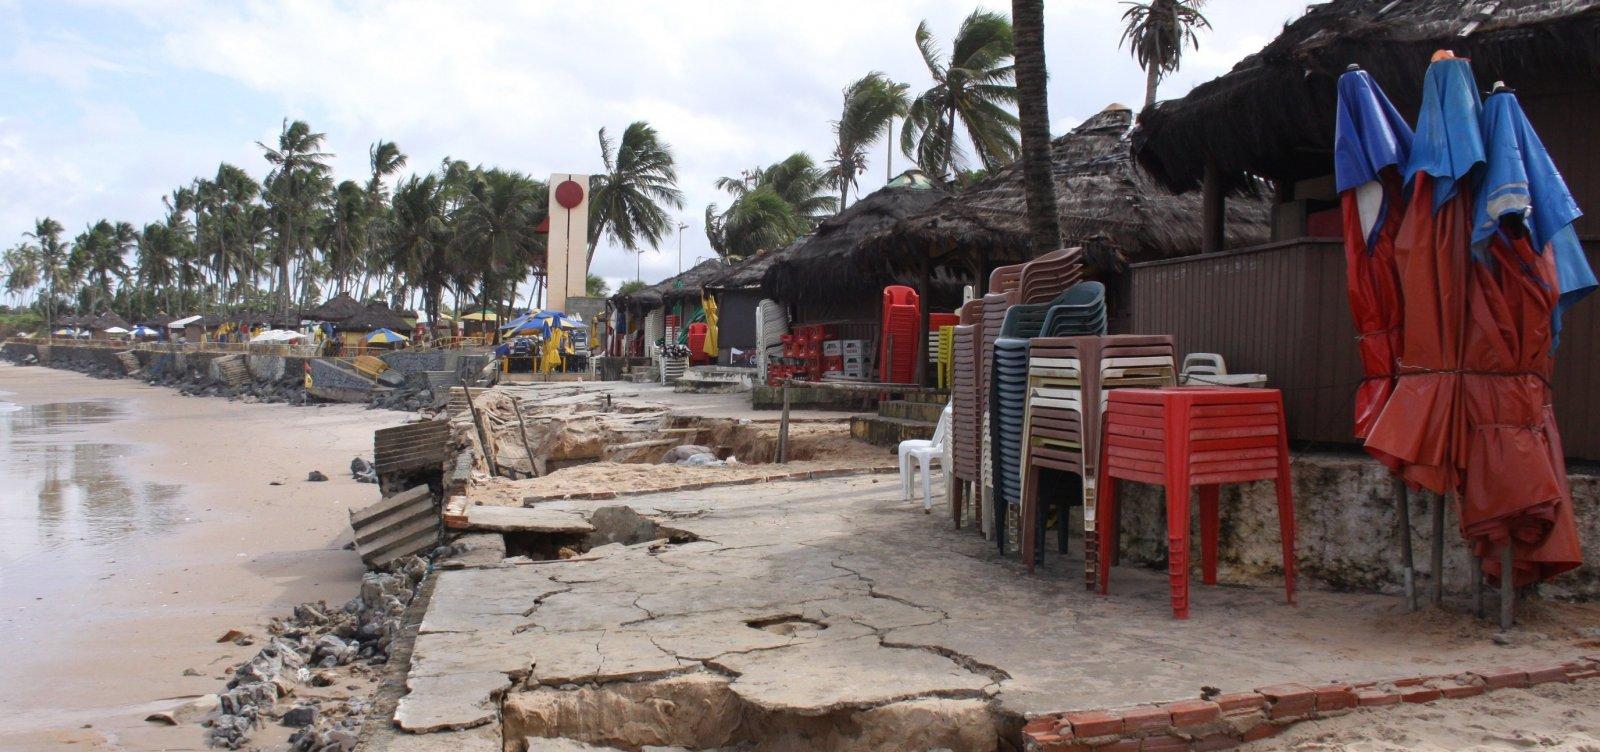 [Prefeitura manifesta desejo para gerir praias de Salvador; medida possibilita retorno das barracas]